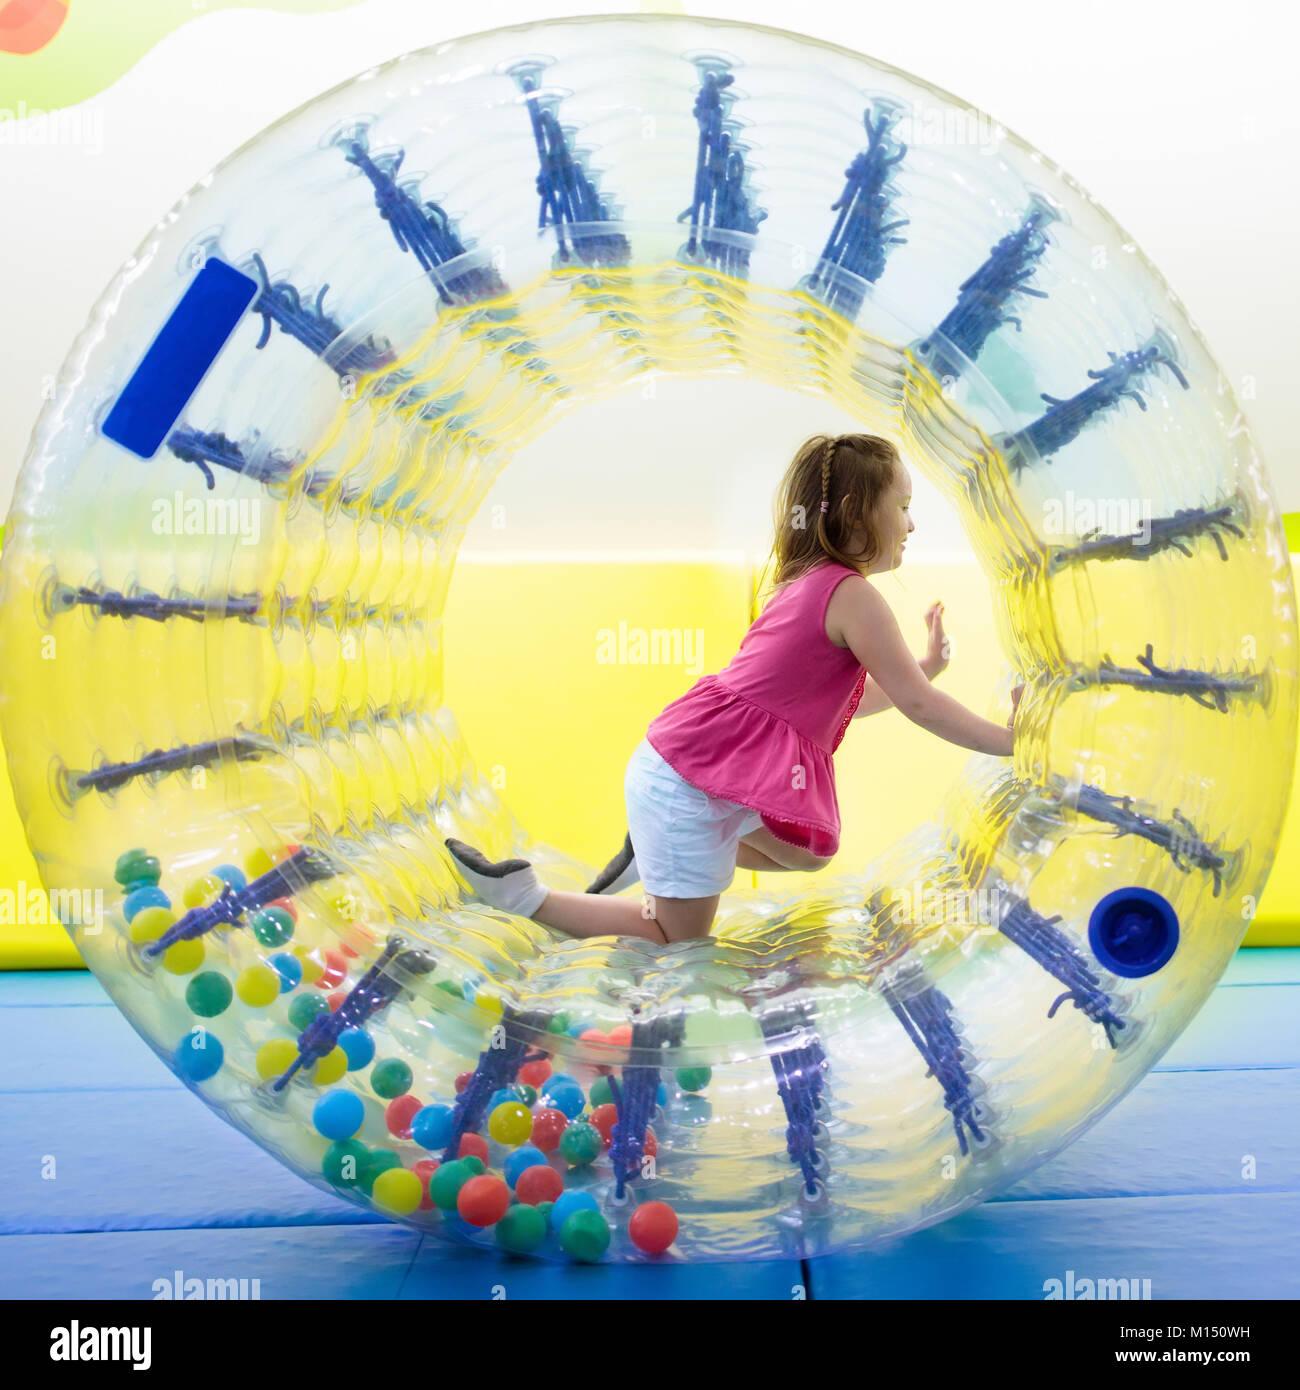 Kind Im Laufrad Springen Auf Bunten Spielplatz Trampolin Kinder